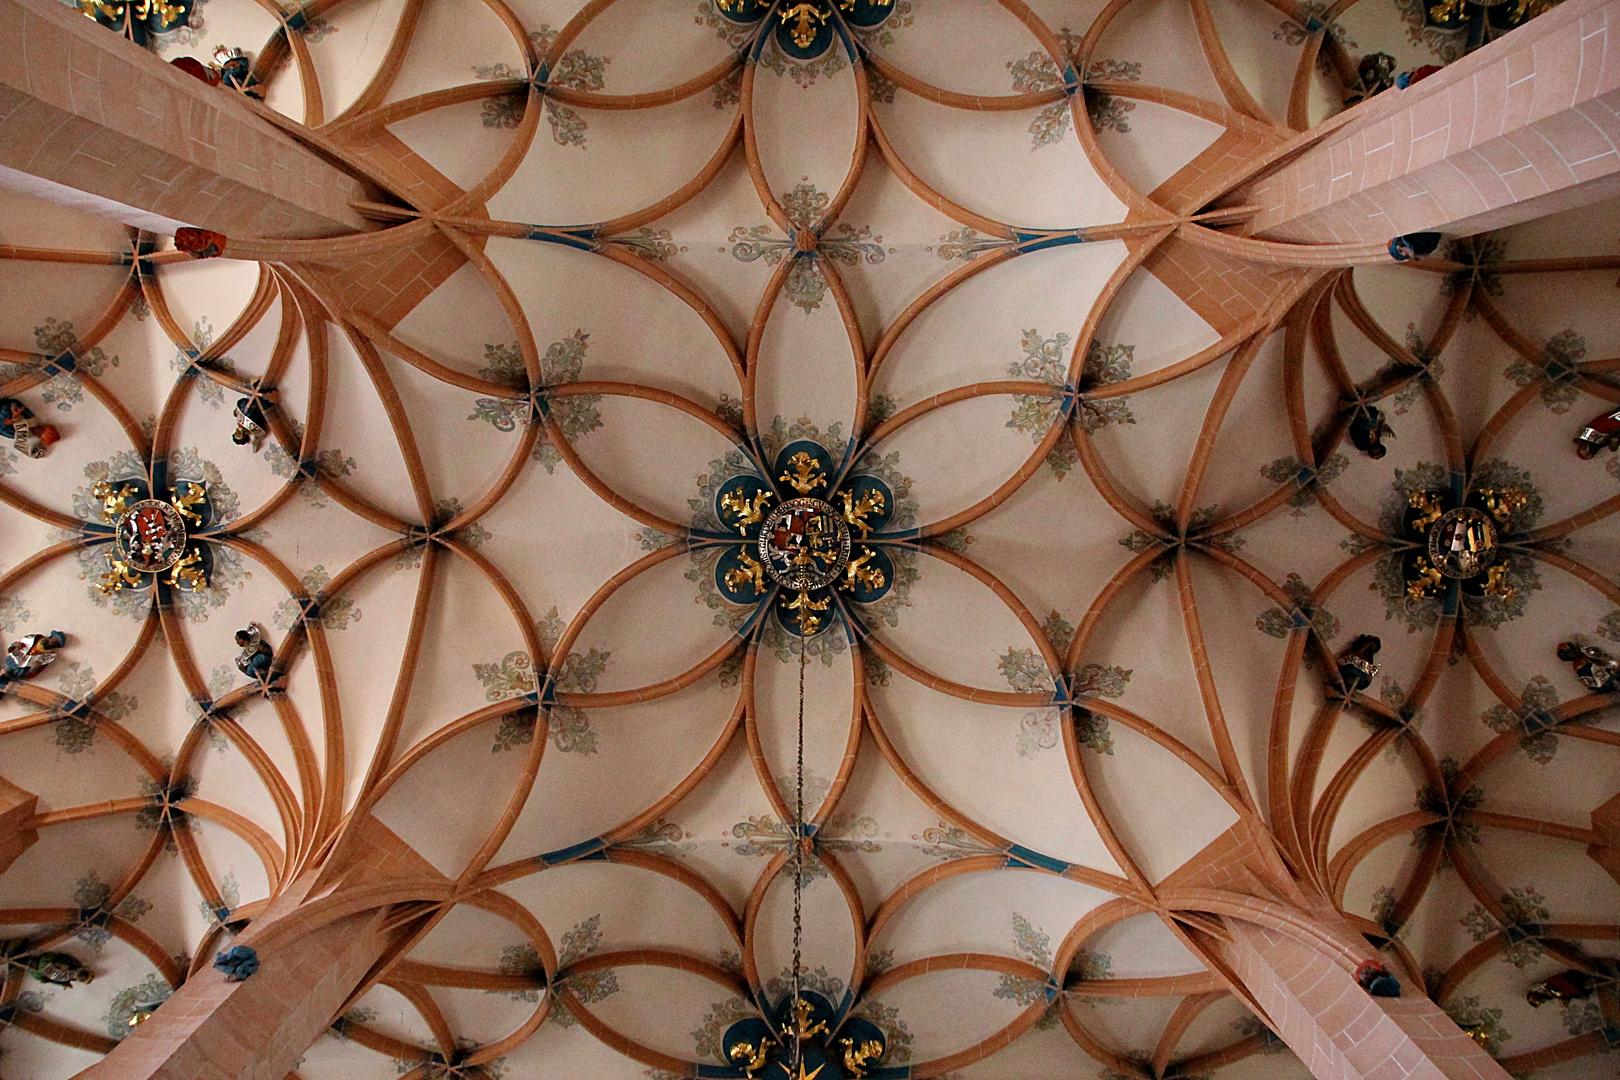 Blütenbaldachine im Gewölbe der Annenkirche in Annaberg- Buchholz